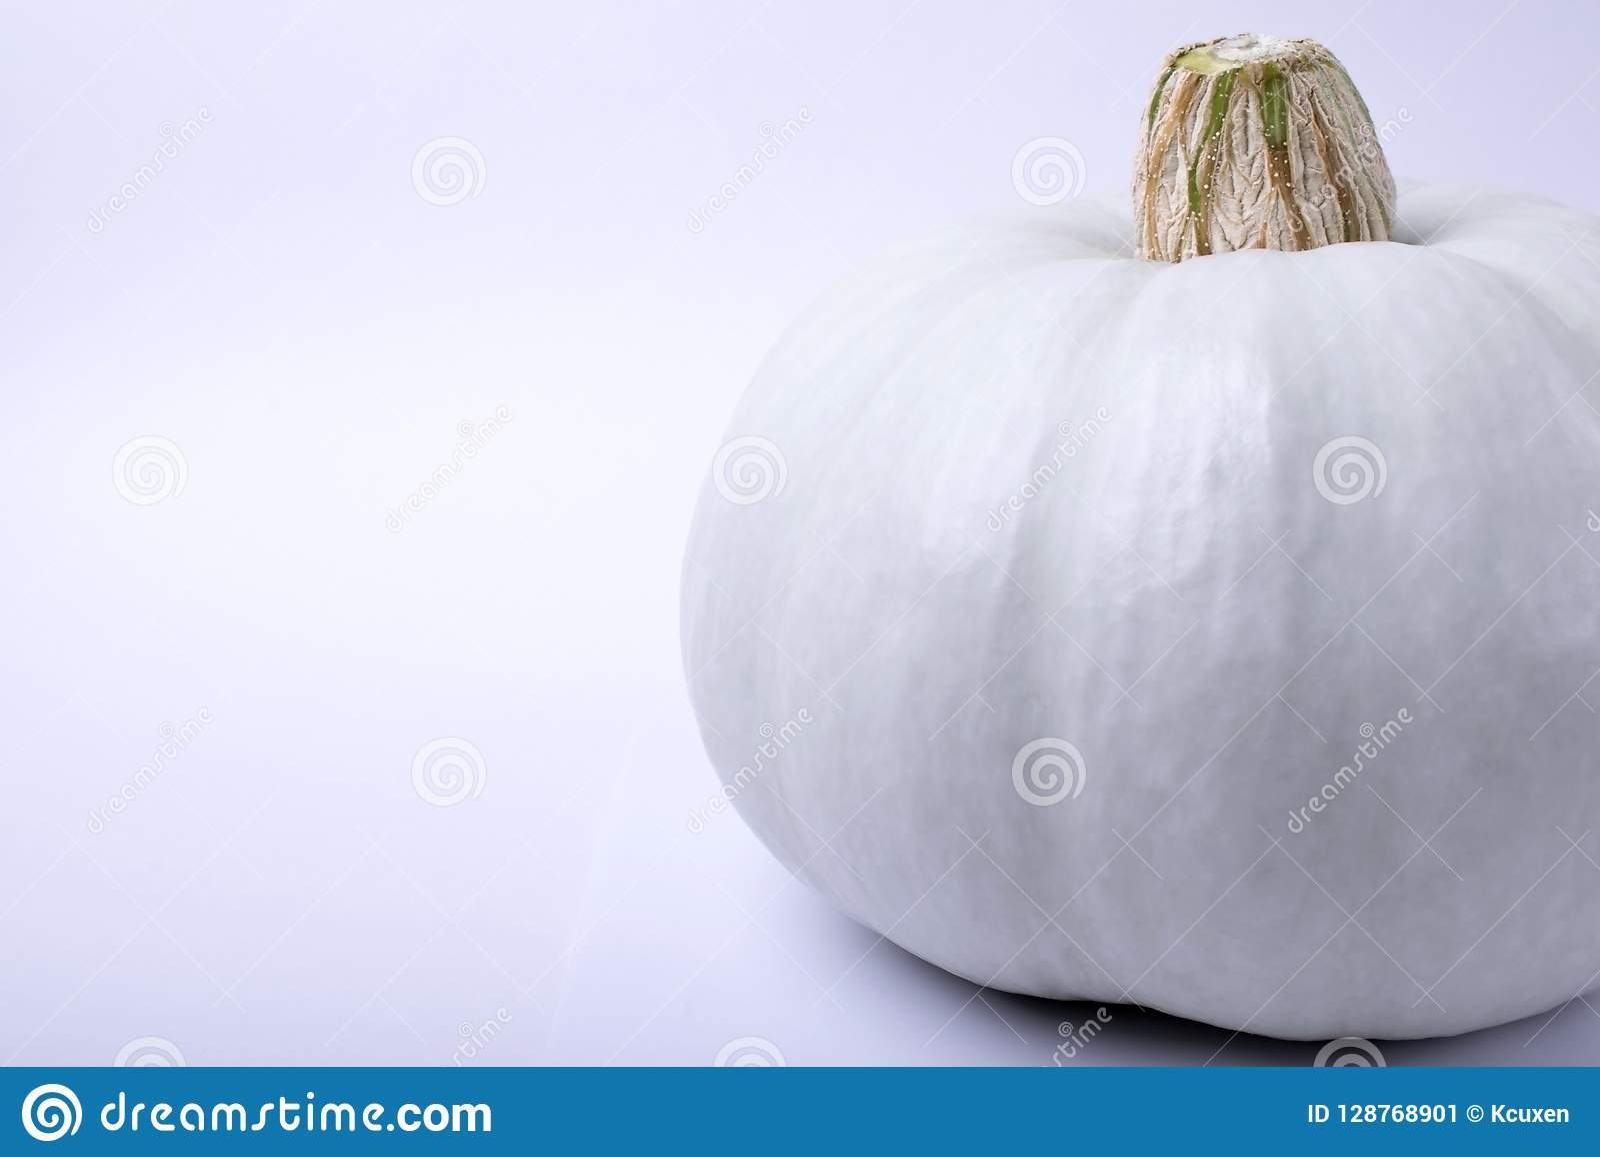 Calabaza blanca del albino